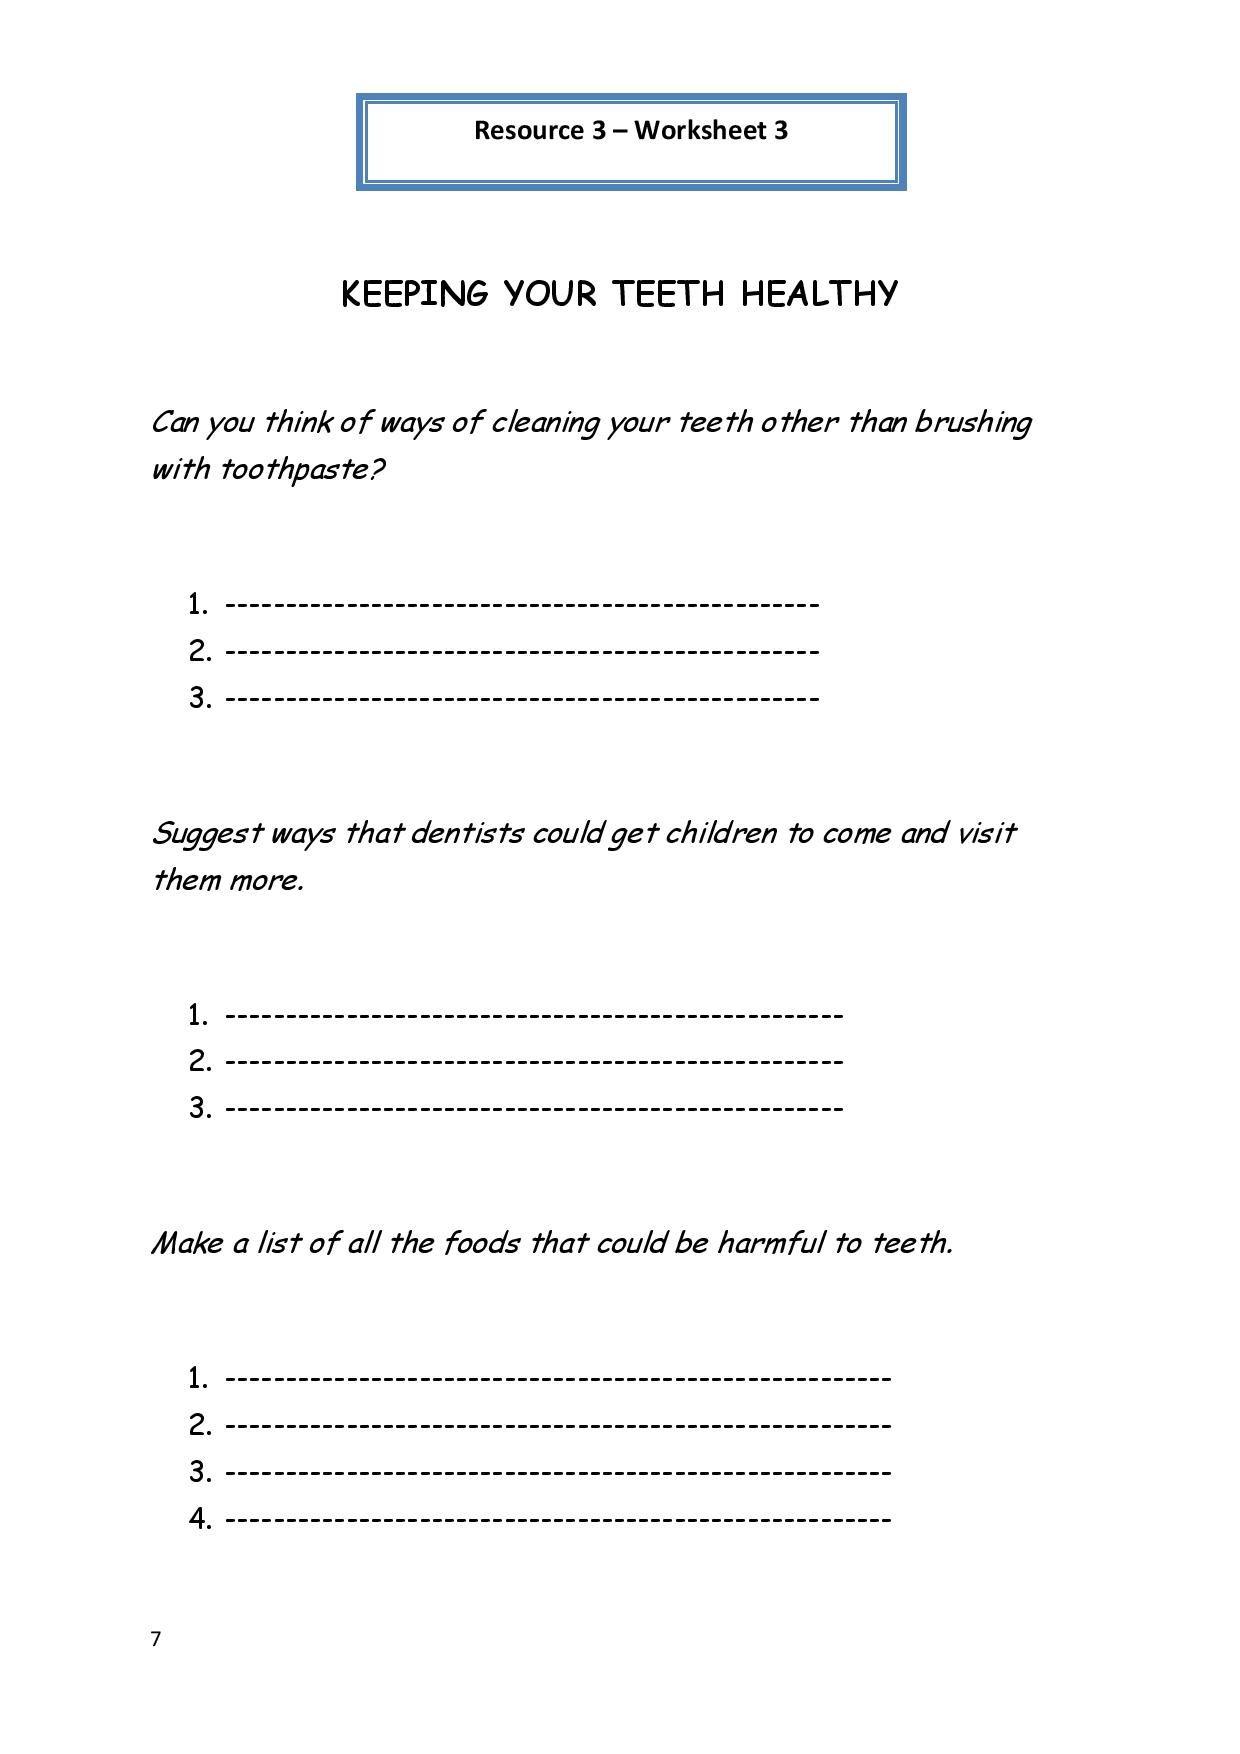 personal hygiene worksheet 3 keeping your teeth healthy board personal hygiene worksheet 3 keeping your teeth healthy